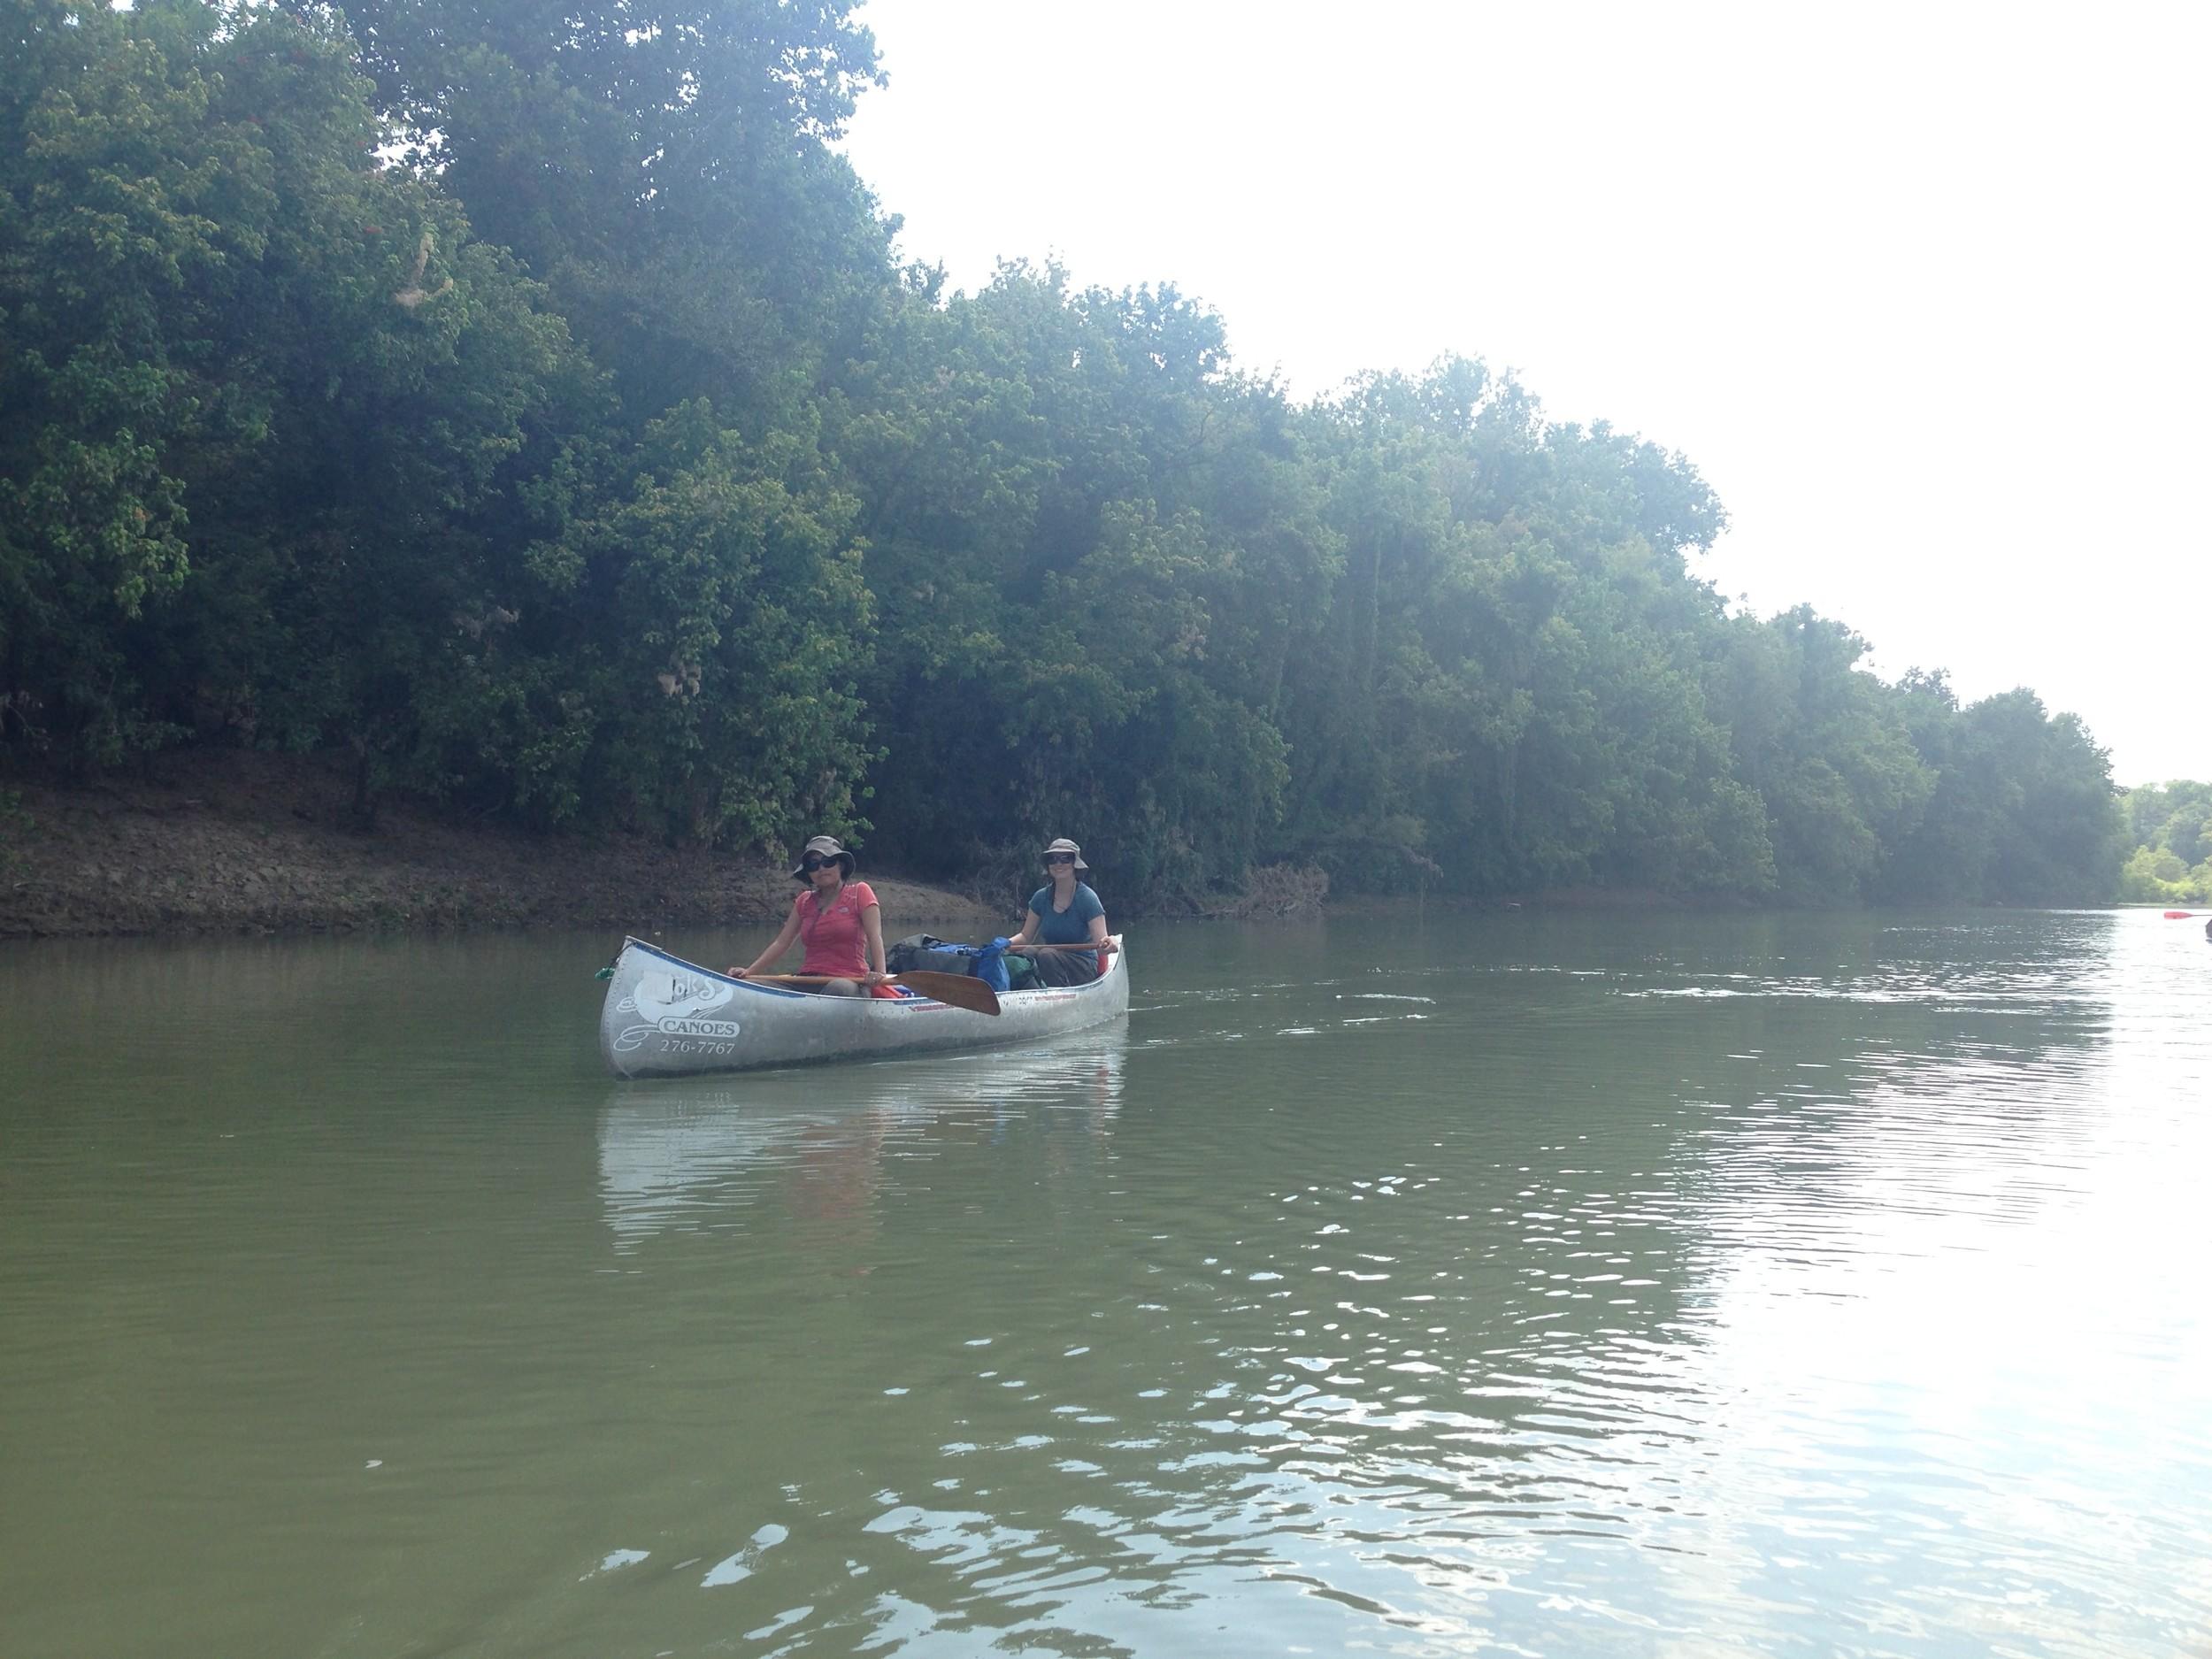 Unbreakable canoe